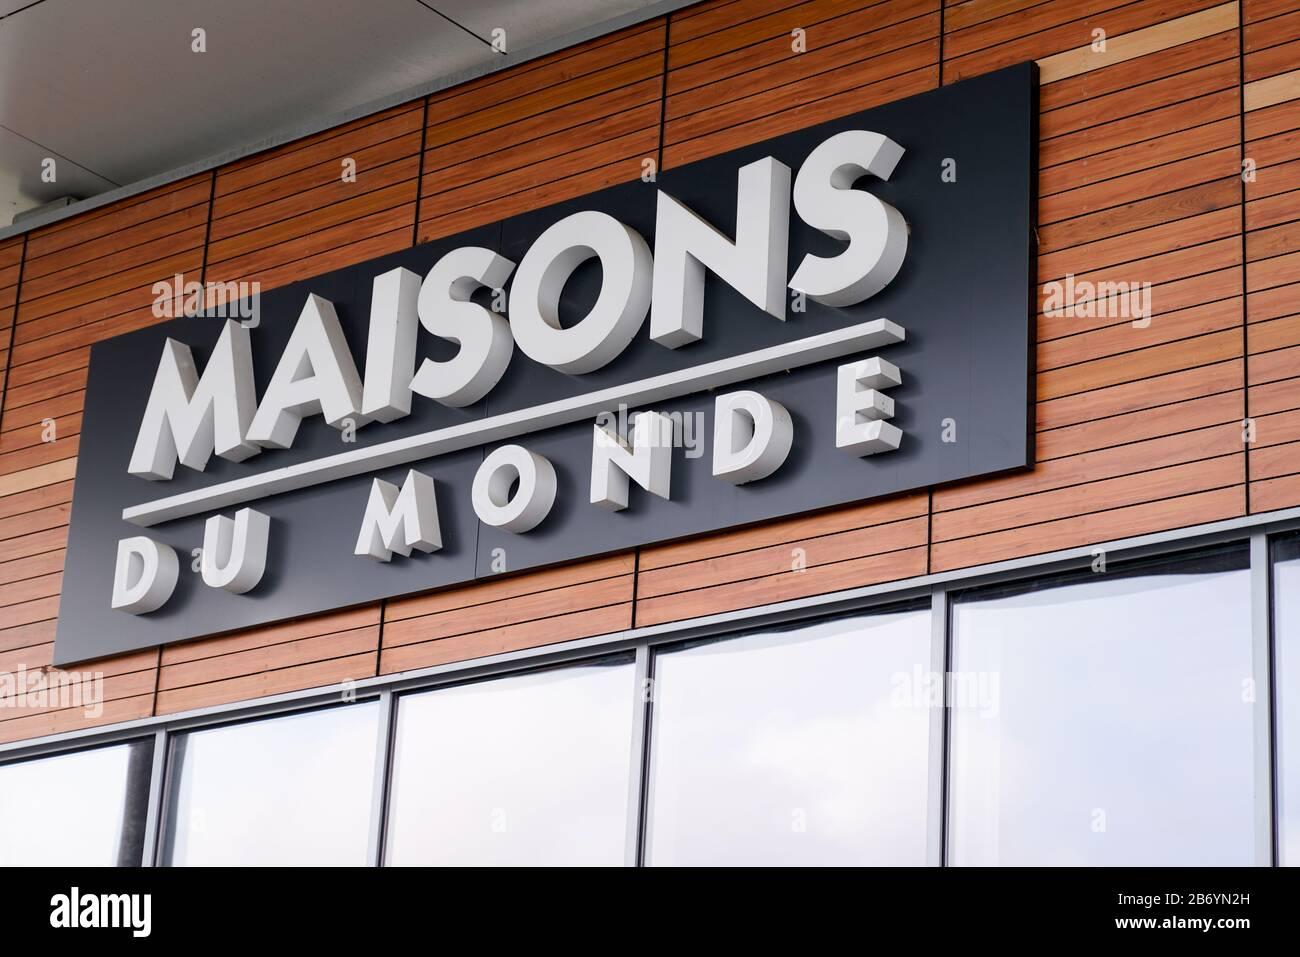 Bordeaux , Aquitaine / France - 10 10 1000 : maisons du monde logo